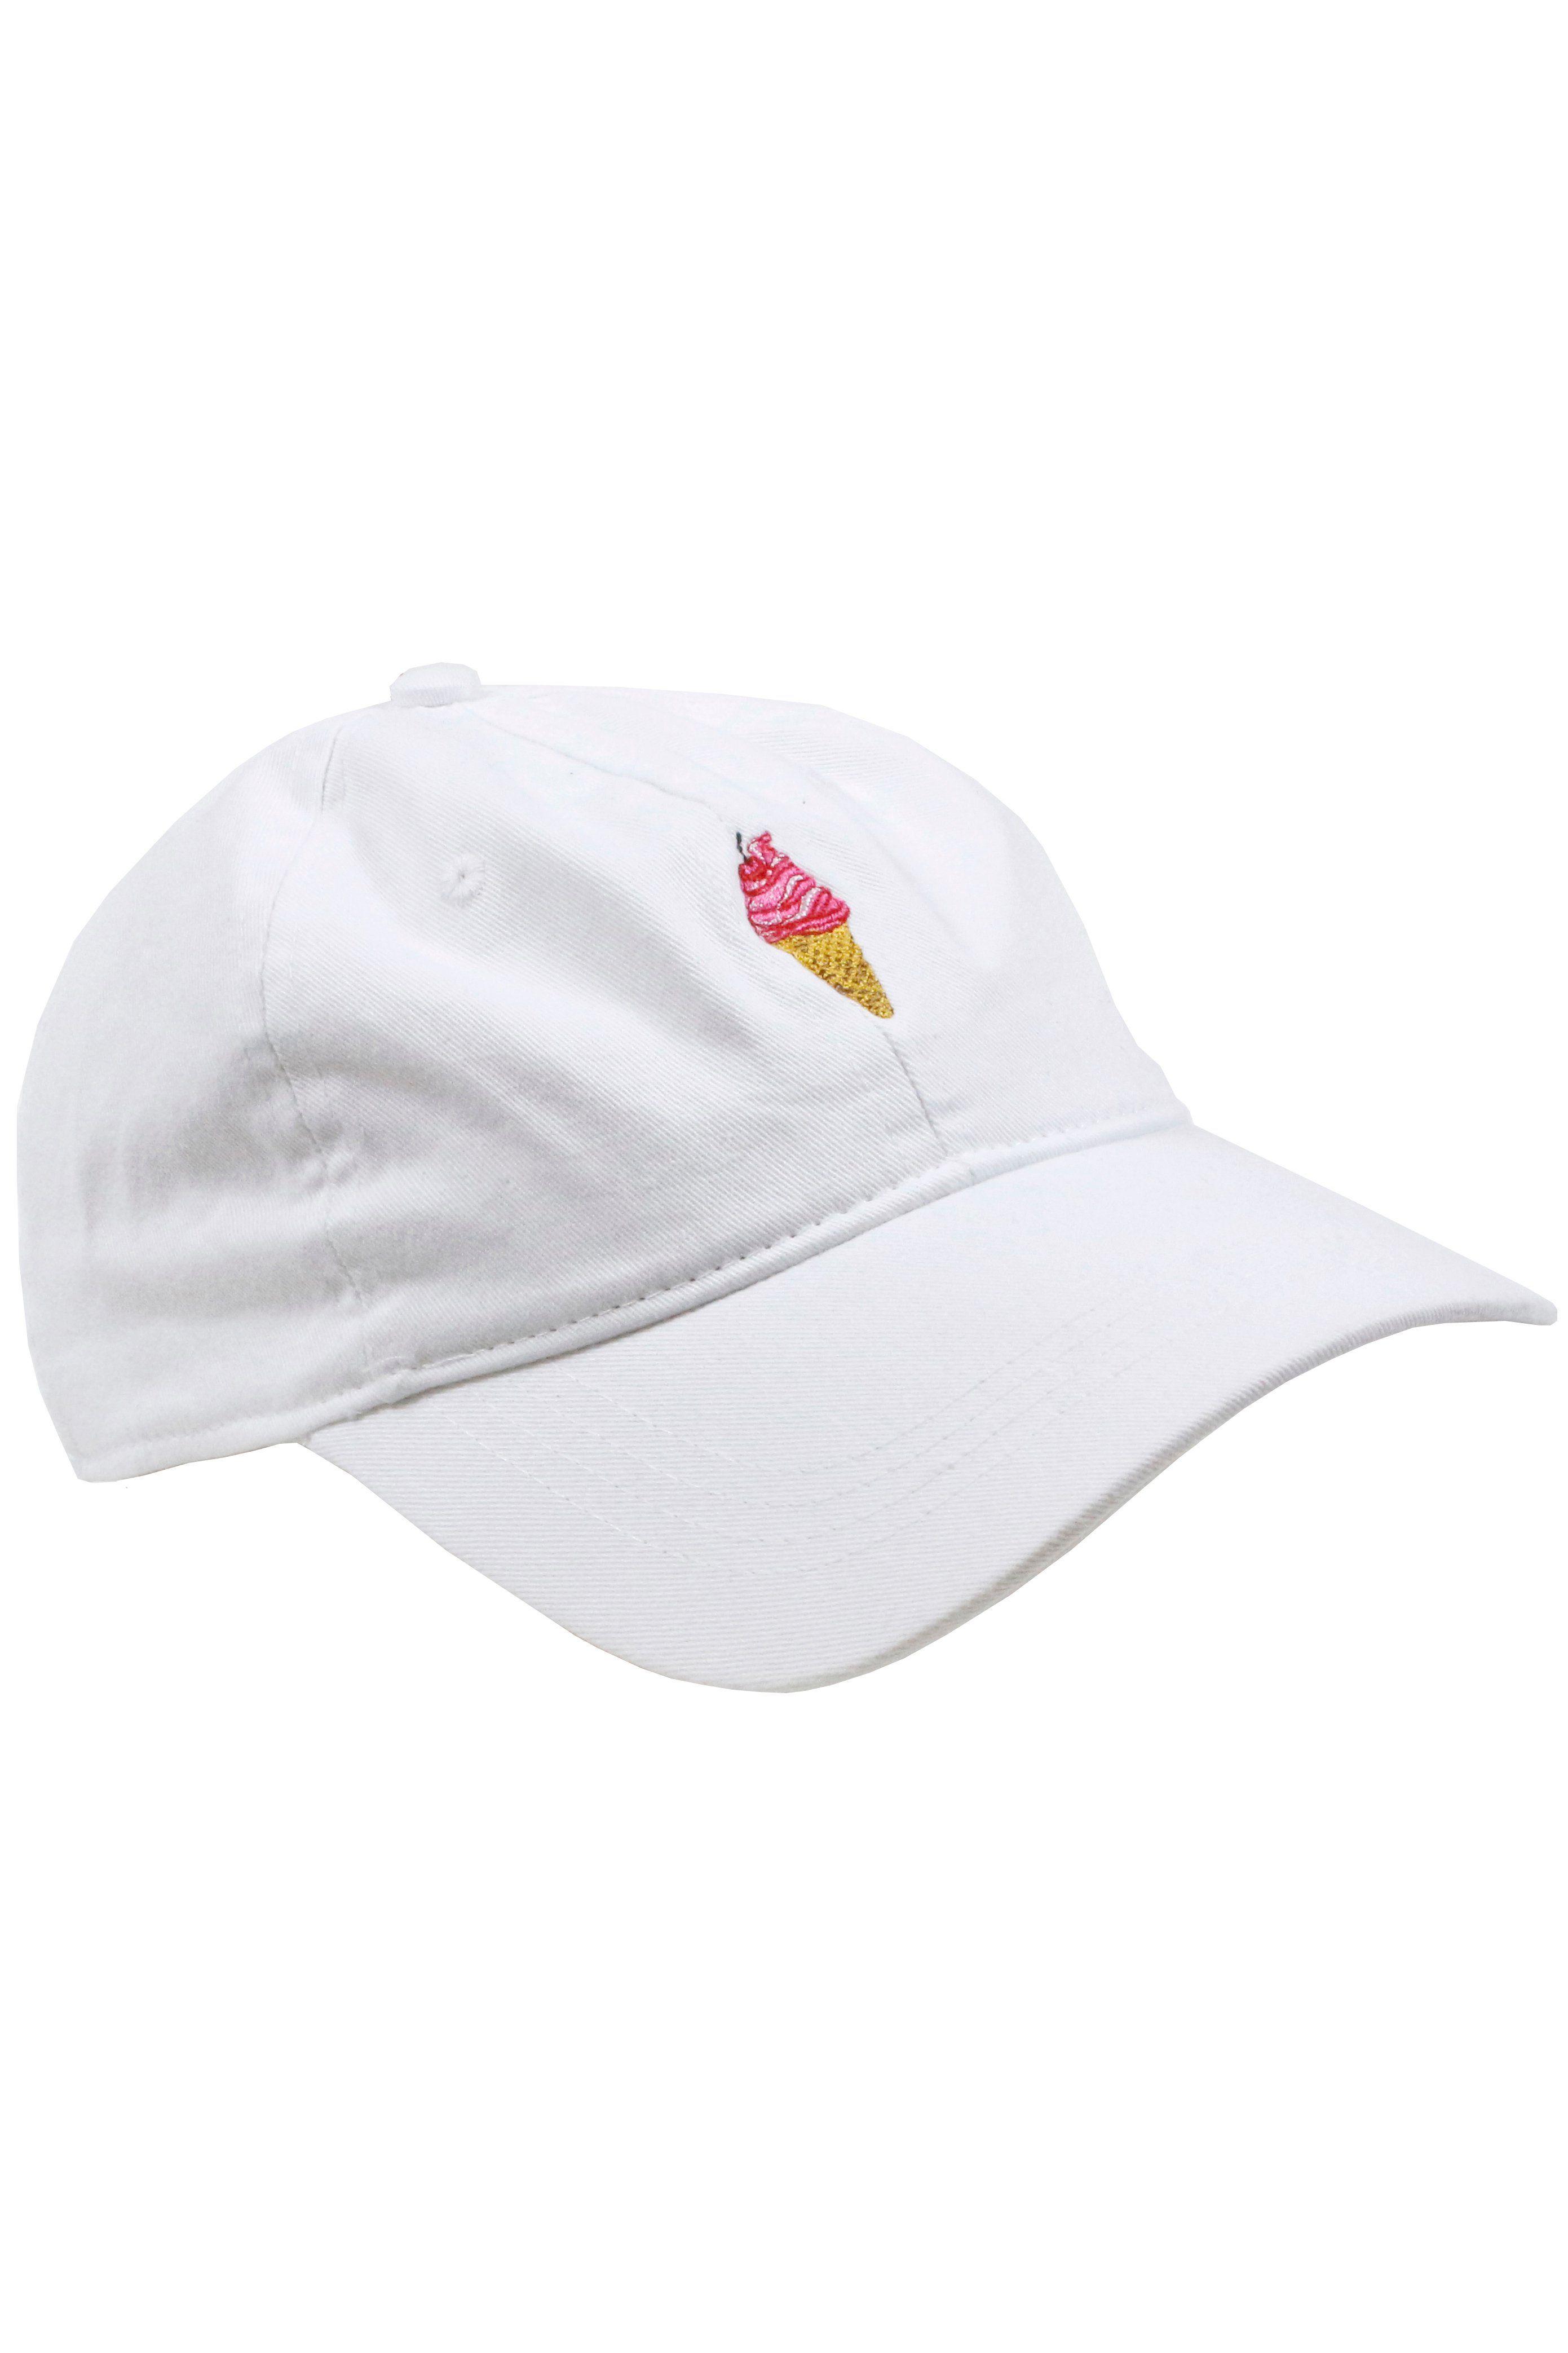 929eb16109d Men s Ice Cream Cone Adjustable White Dad Hat